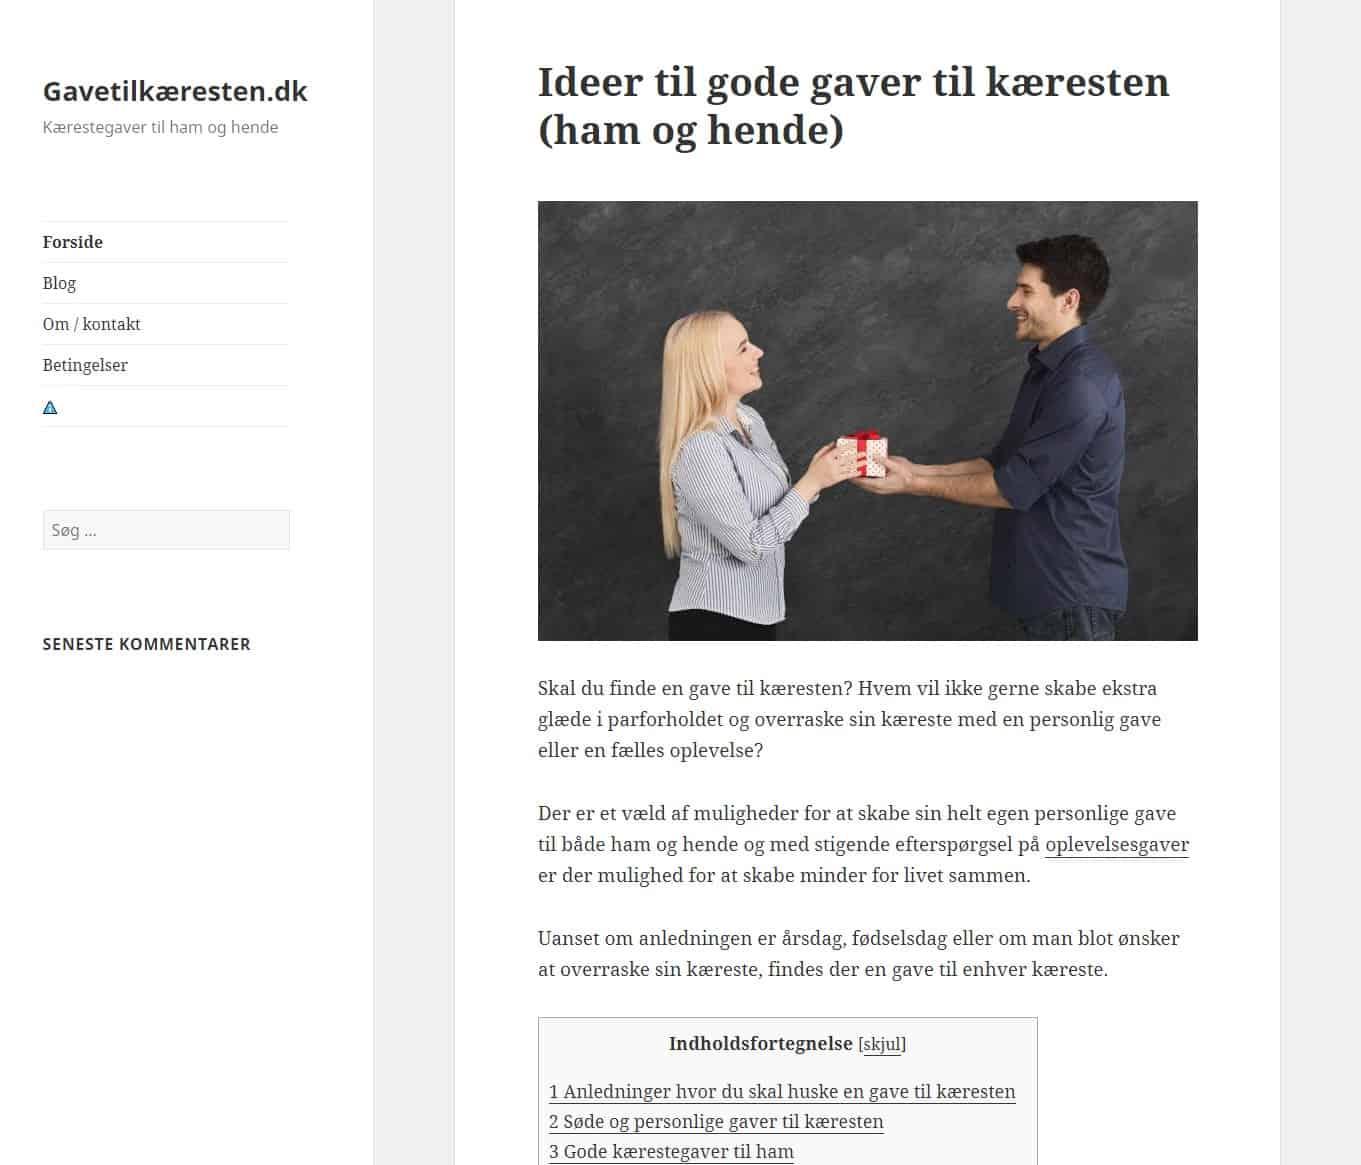 Gavetilkæresten.dk